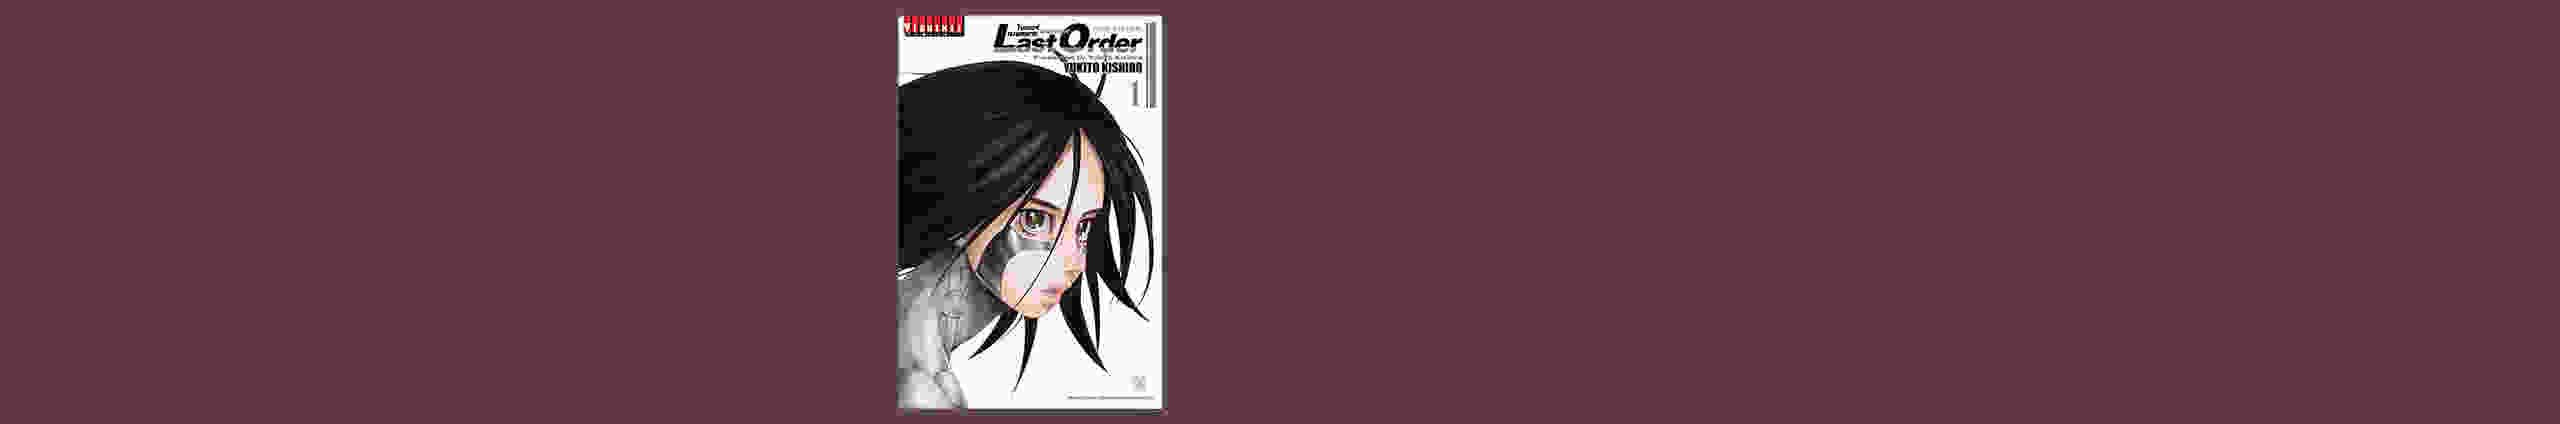 ไซเบอร์เพชฌฆาต GUNNM Last Order NEW EDITION